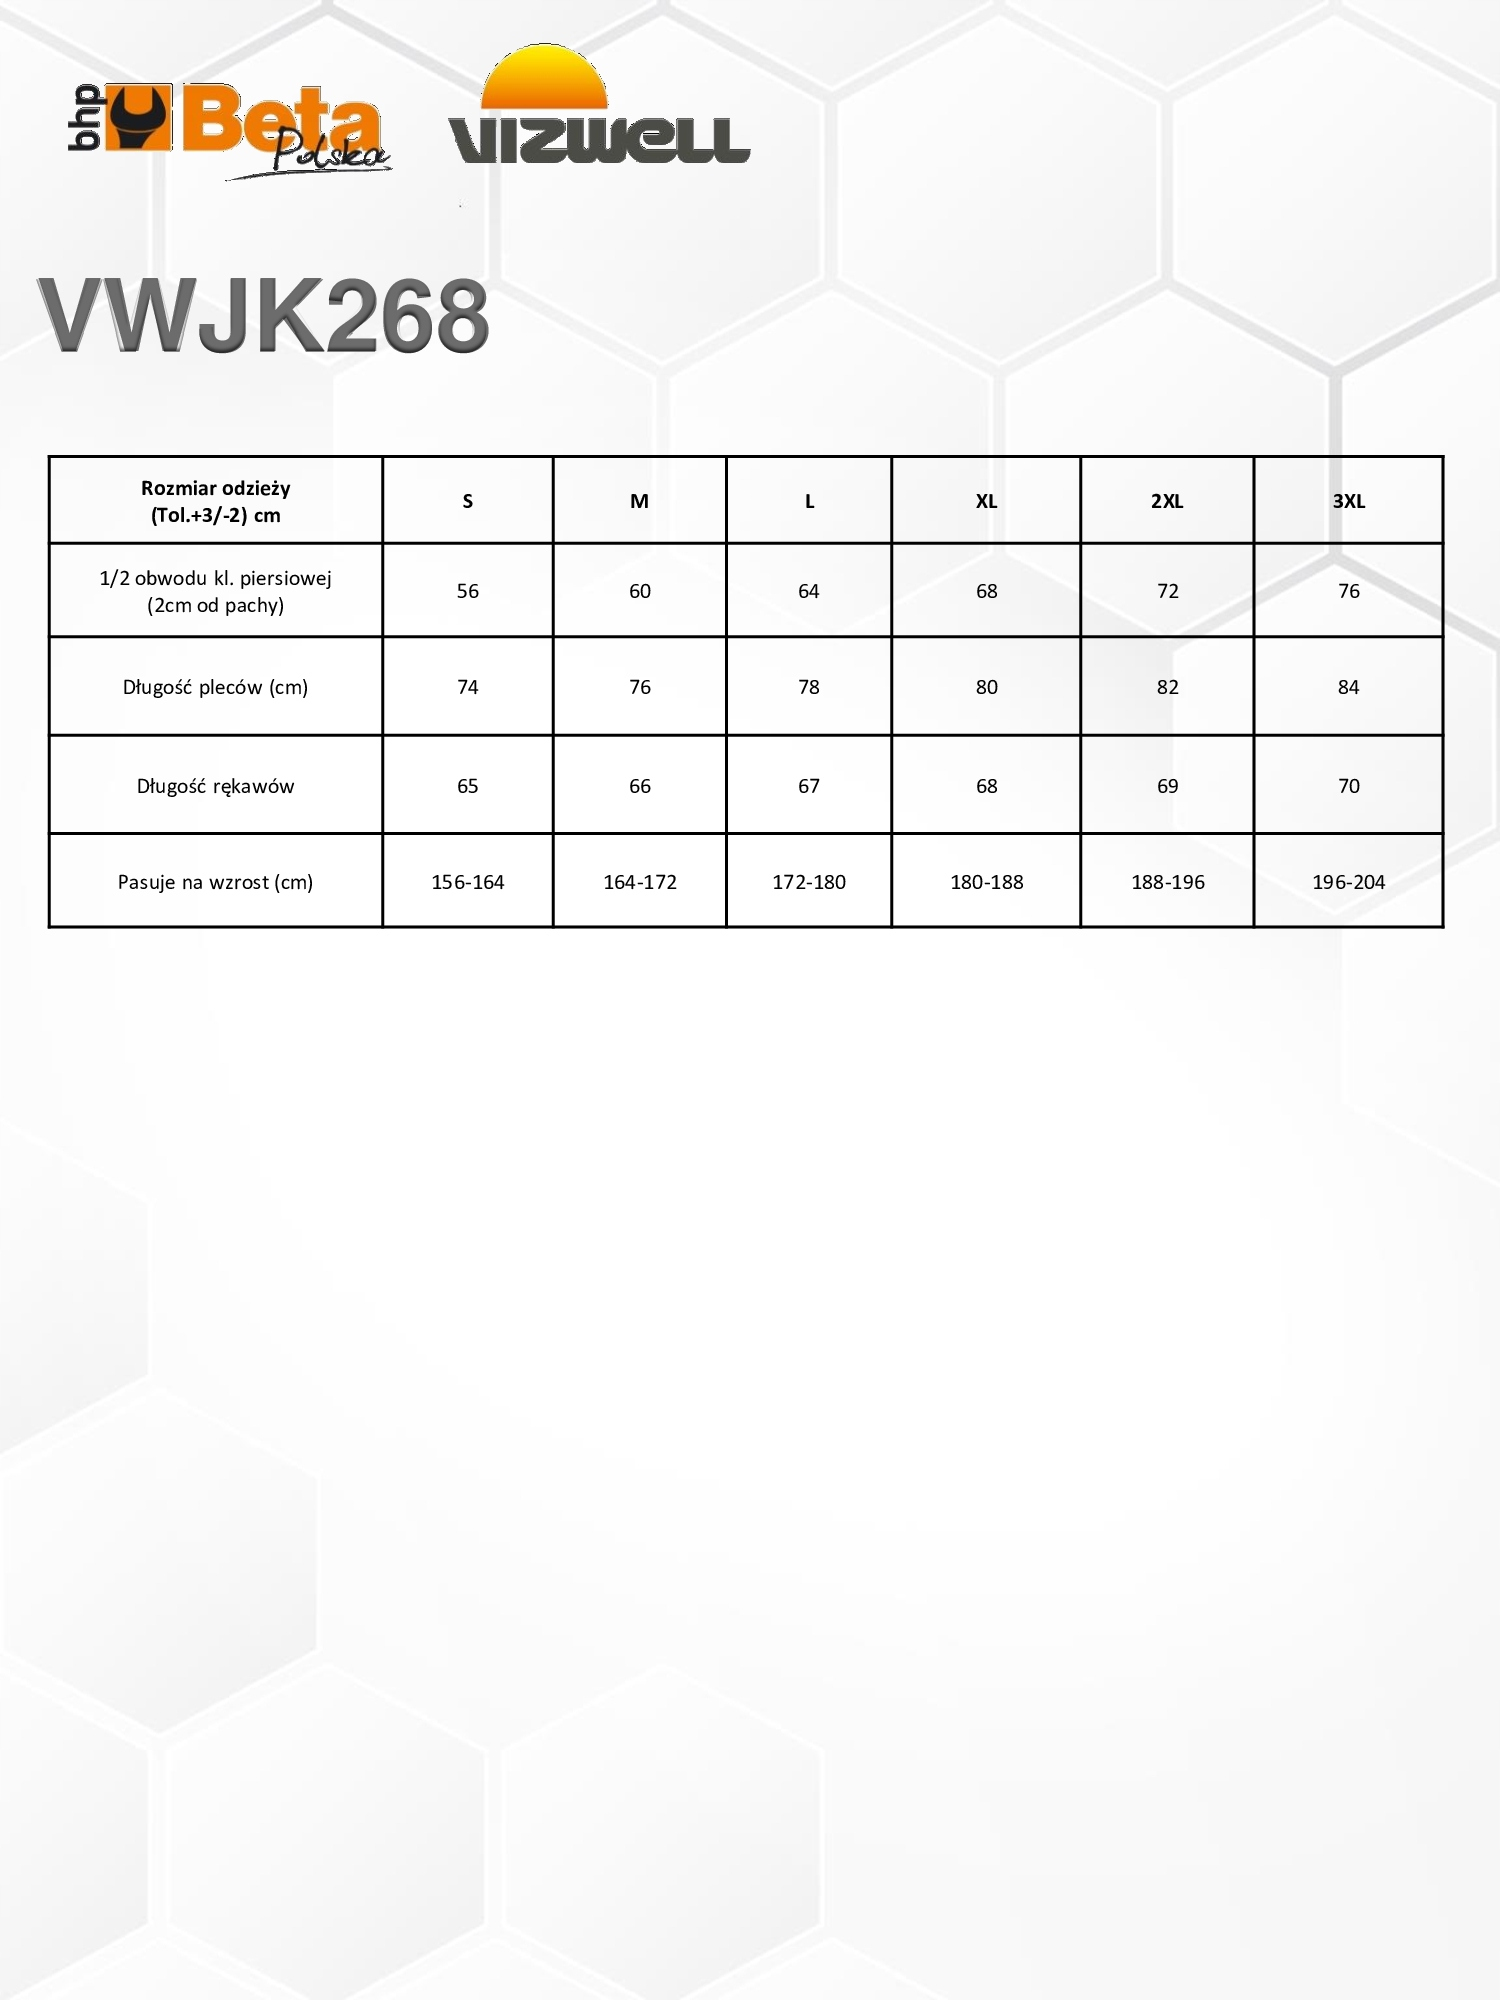 KURTKA SOFTSHELL OSTRZEGAWCZA BETA VIZWELL VWJK268 Cechy dodatkowe odzież odblaskowa odzież wodoodporna odzież ocieplana